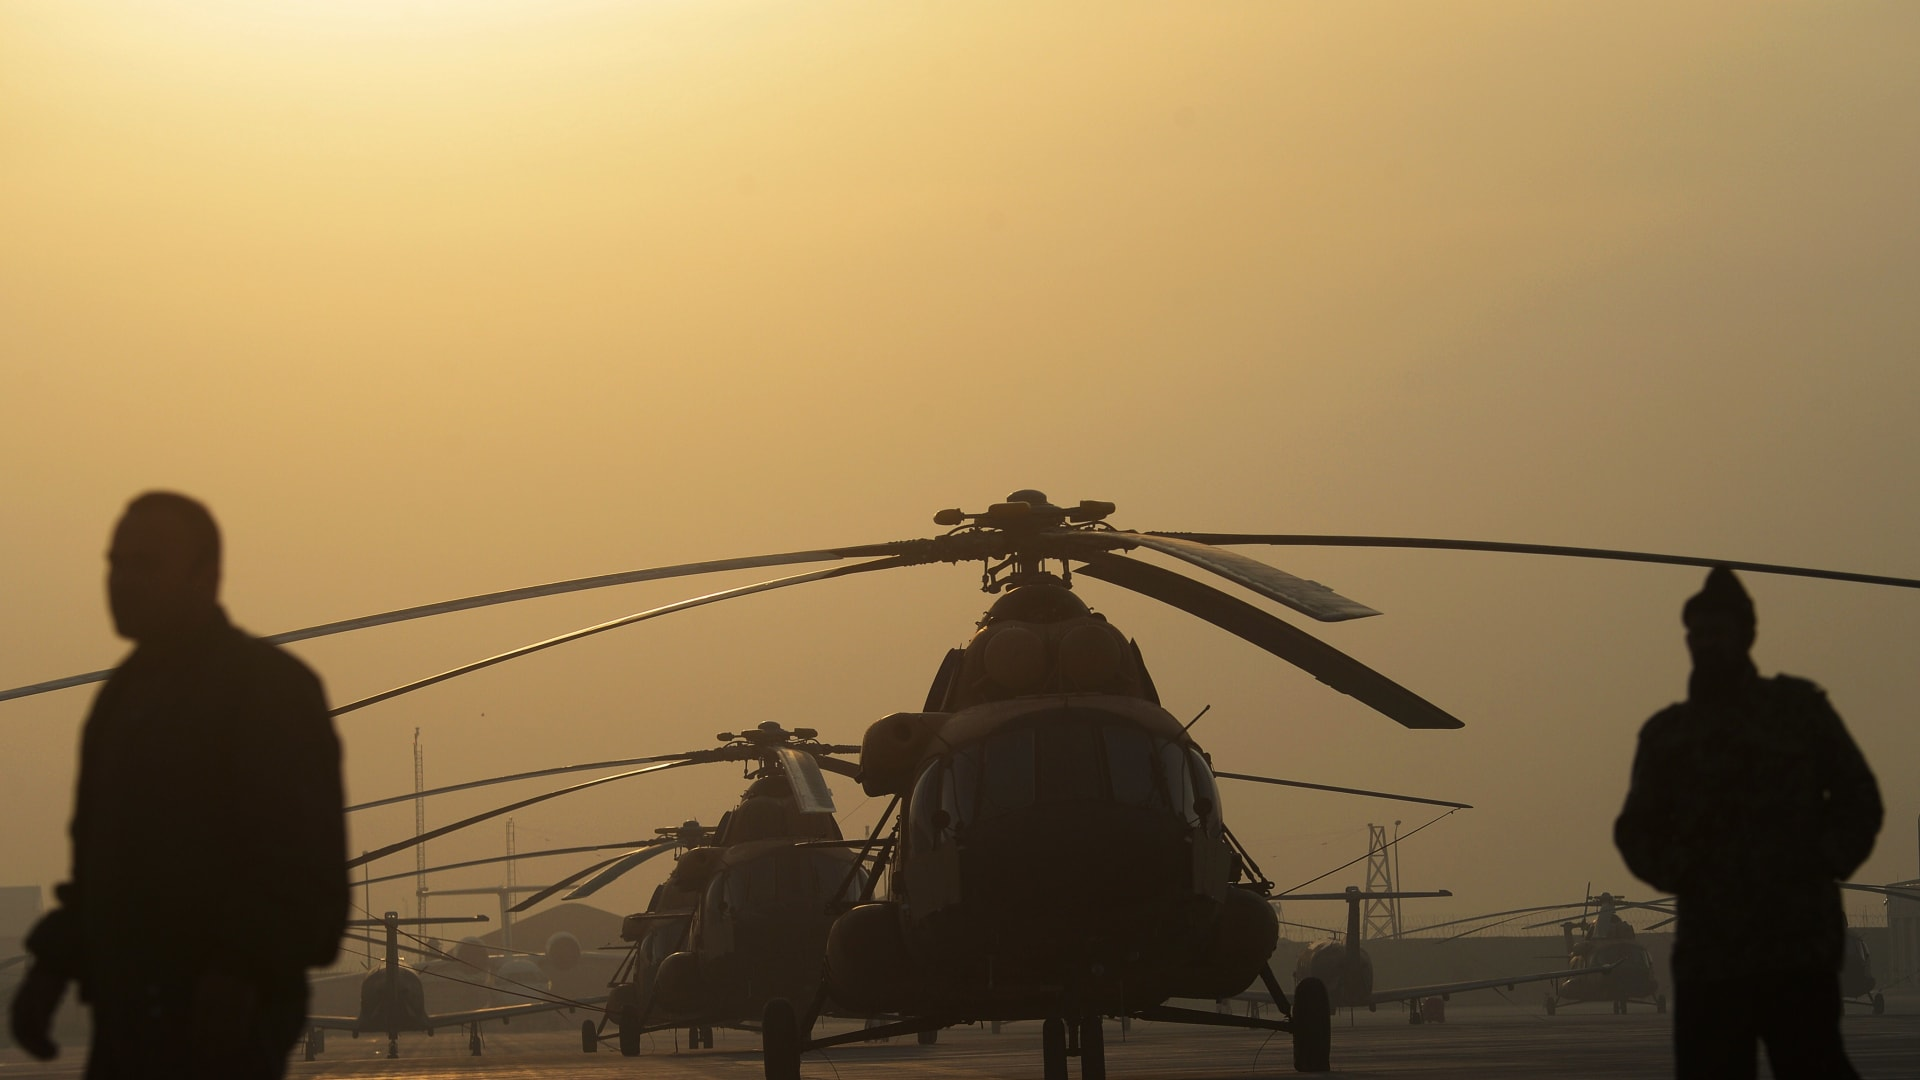 انسحاب أمريكا من أفغانستان فسح المجال أمام تمرد طالبان.. فهل ندم بايدن؟